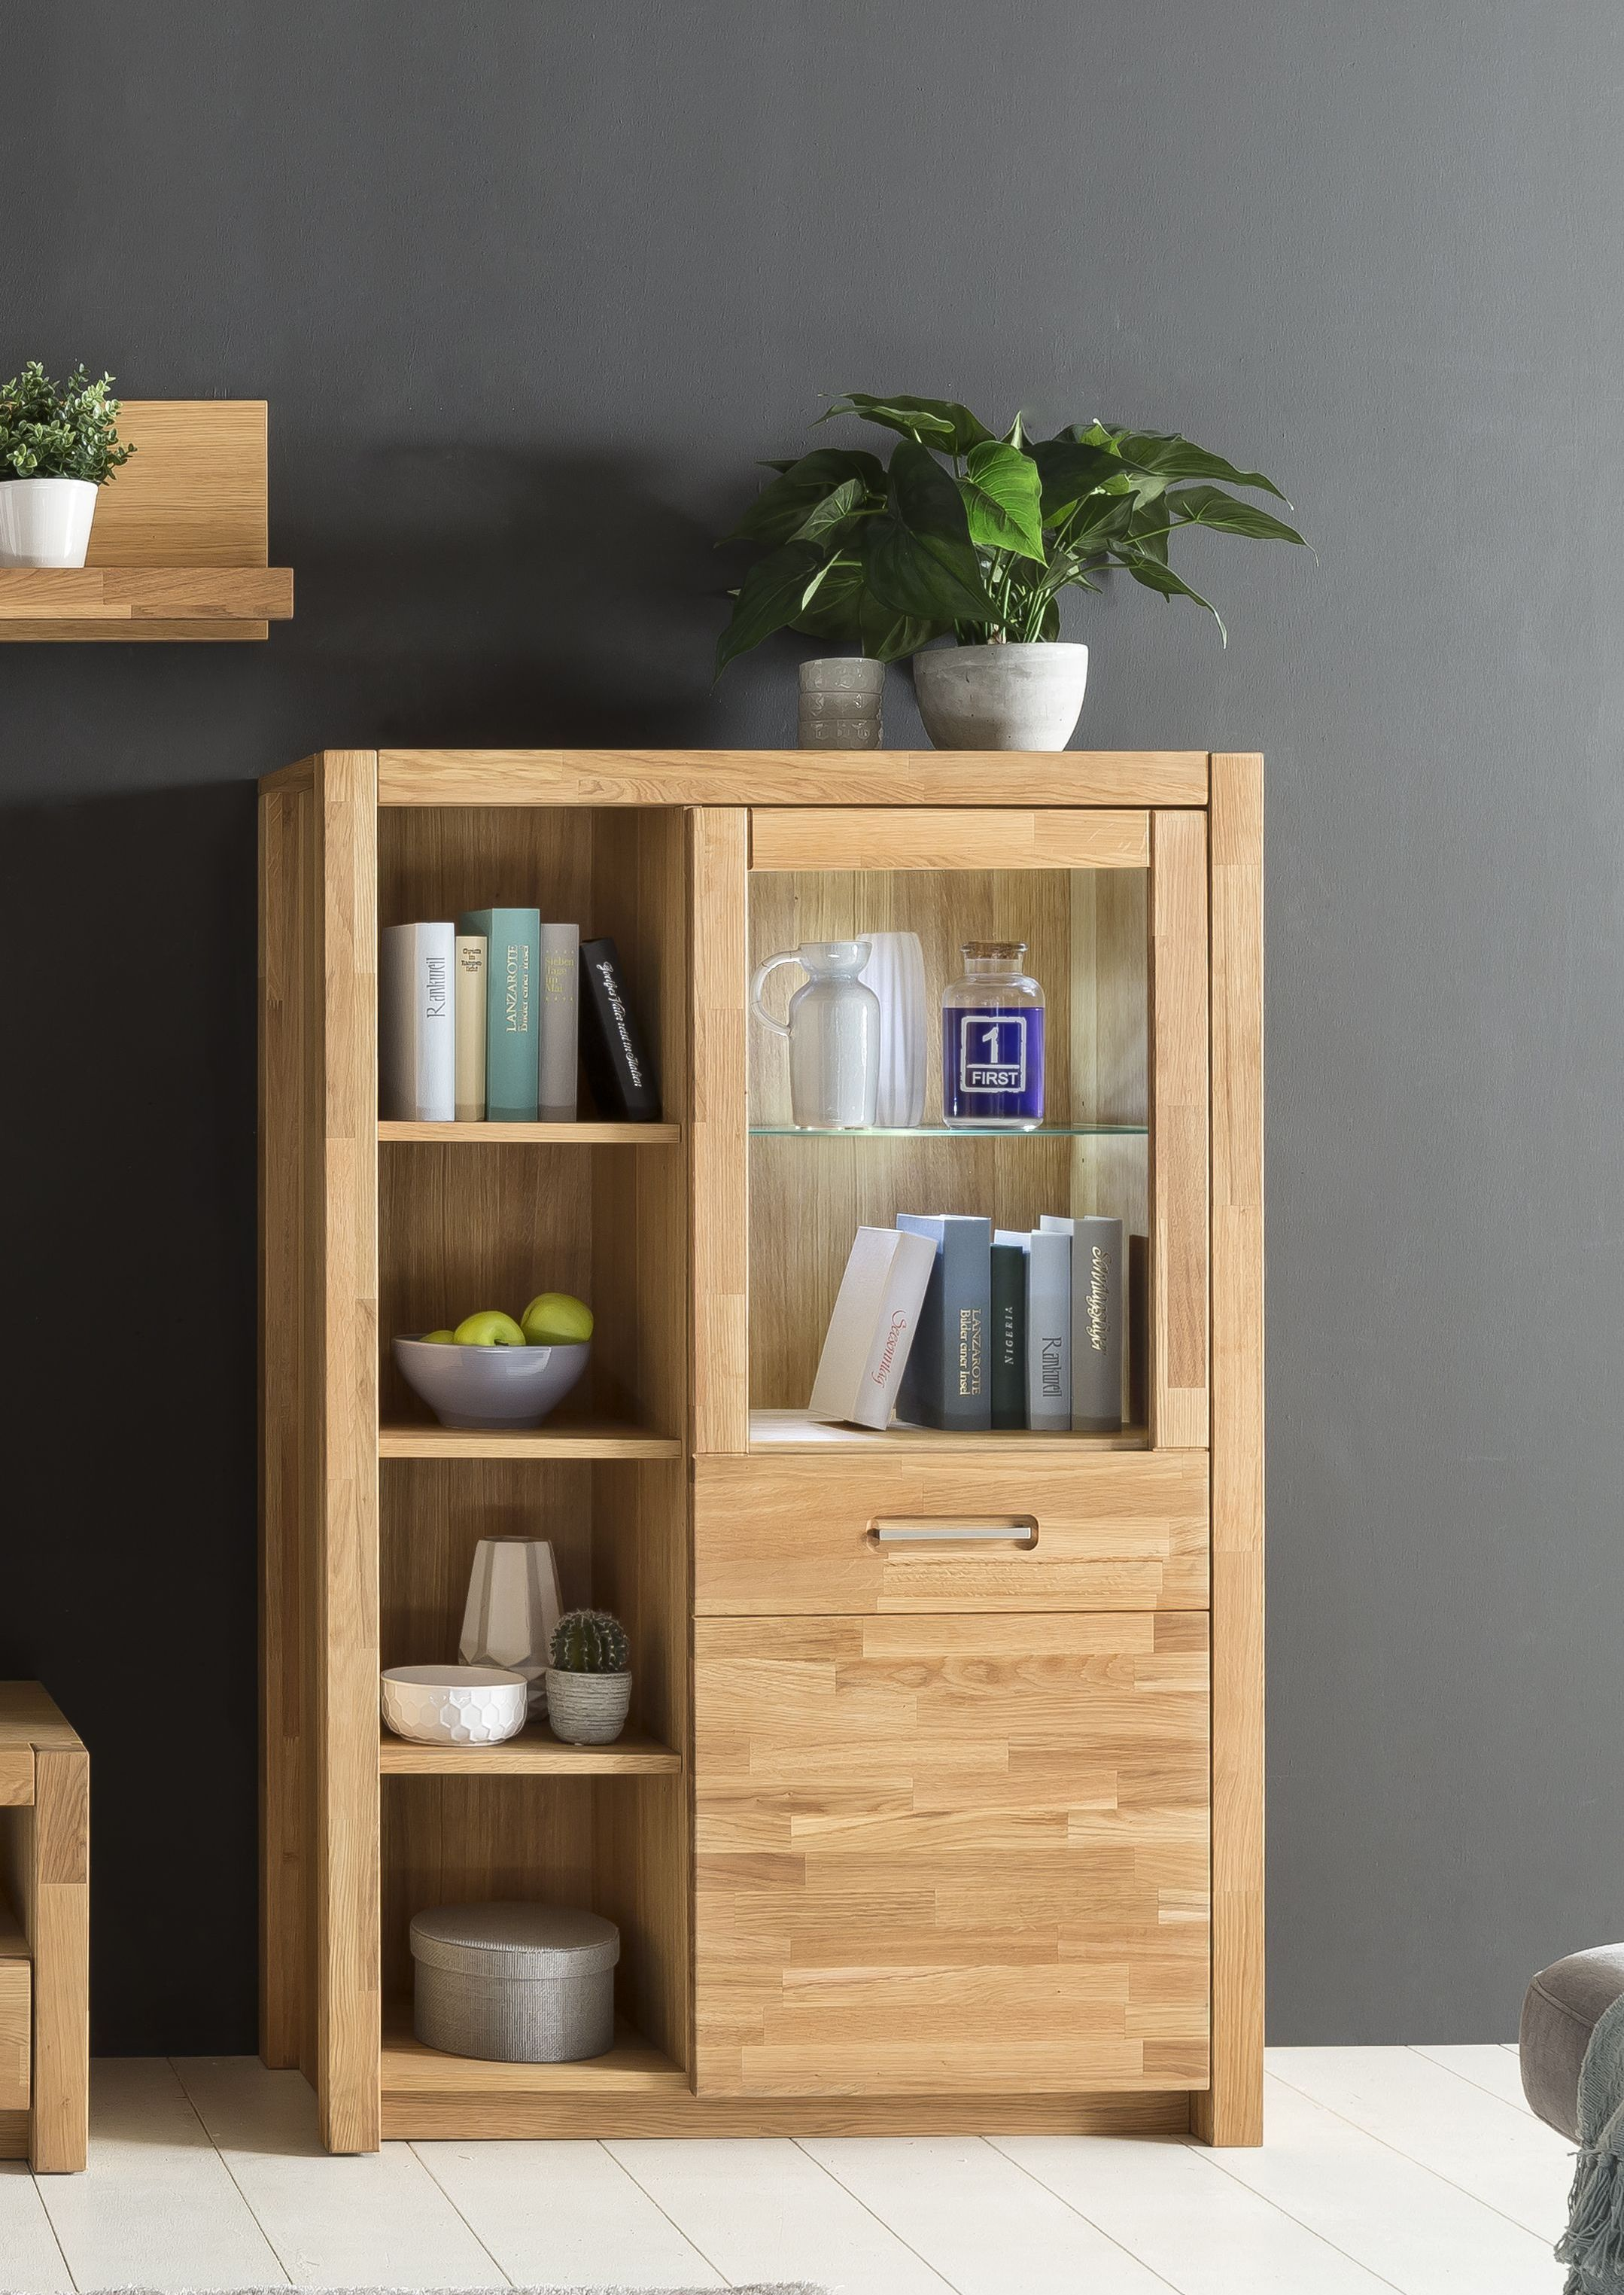 Superb Highboard Vitrine Wildeiche Massiv Ge lt Mit Led Beleuchtung Woody Holz Modern Jetzt bestellen